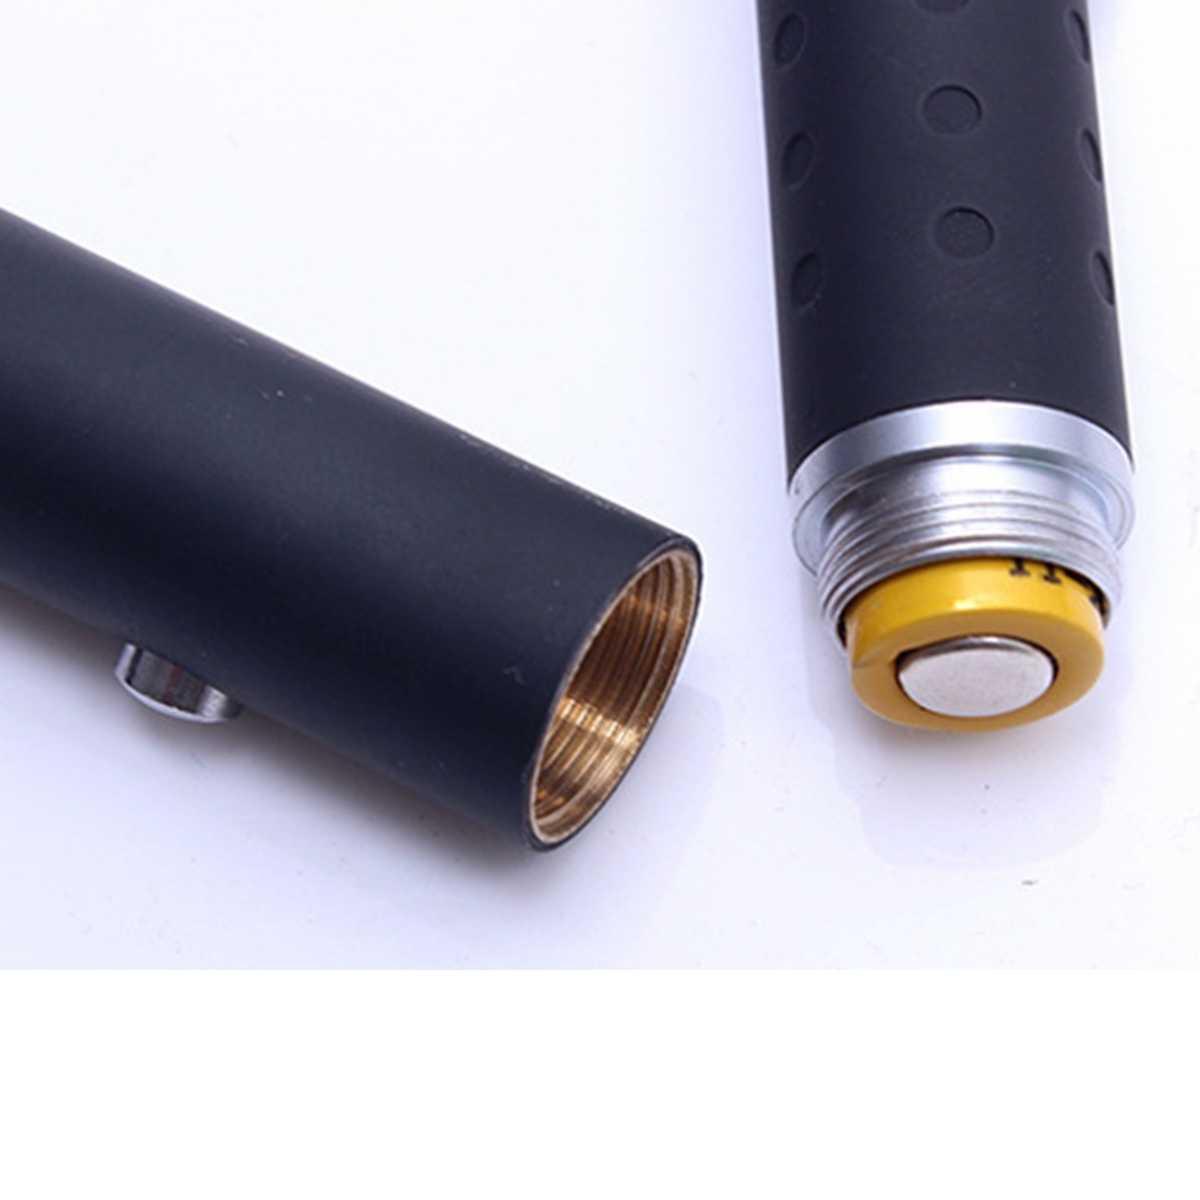 405nm 5 МВт карманный Электрический мини-фонарик Сжигание матч дальний луч новый фиолетовый лазерный указатель ручка регулируемый фокус Супер лазерный Видимый луч